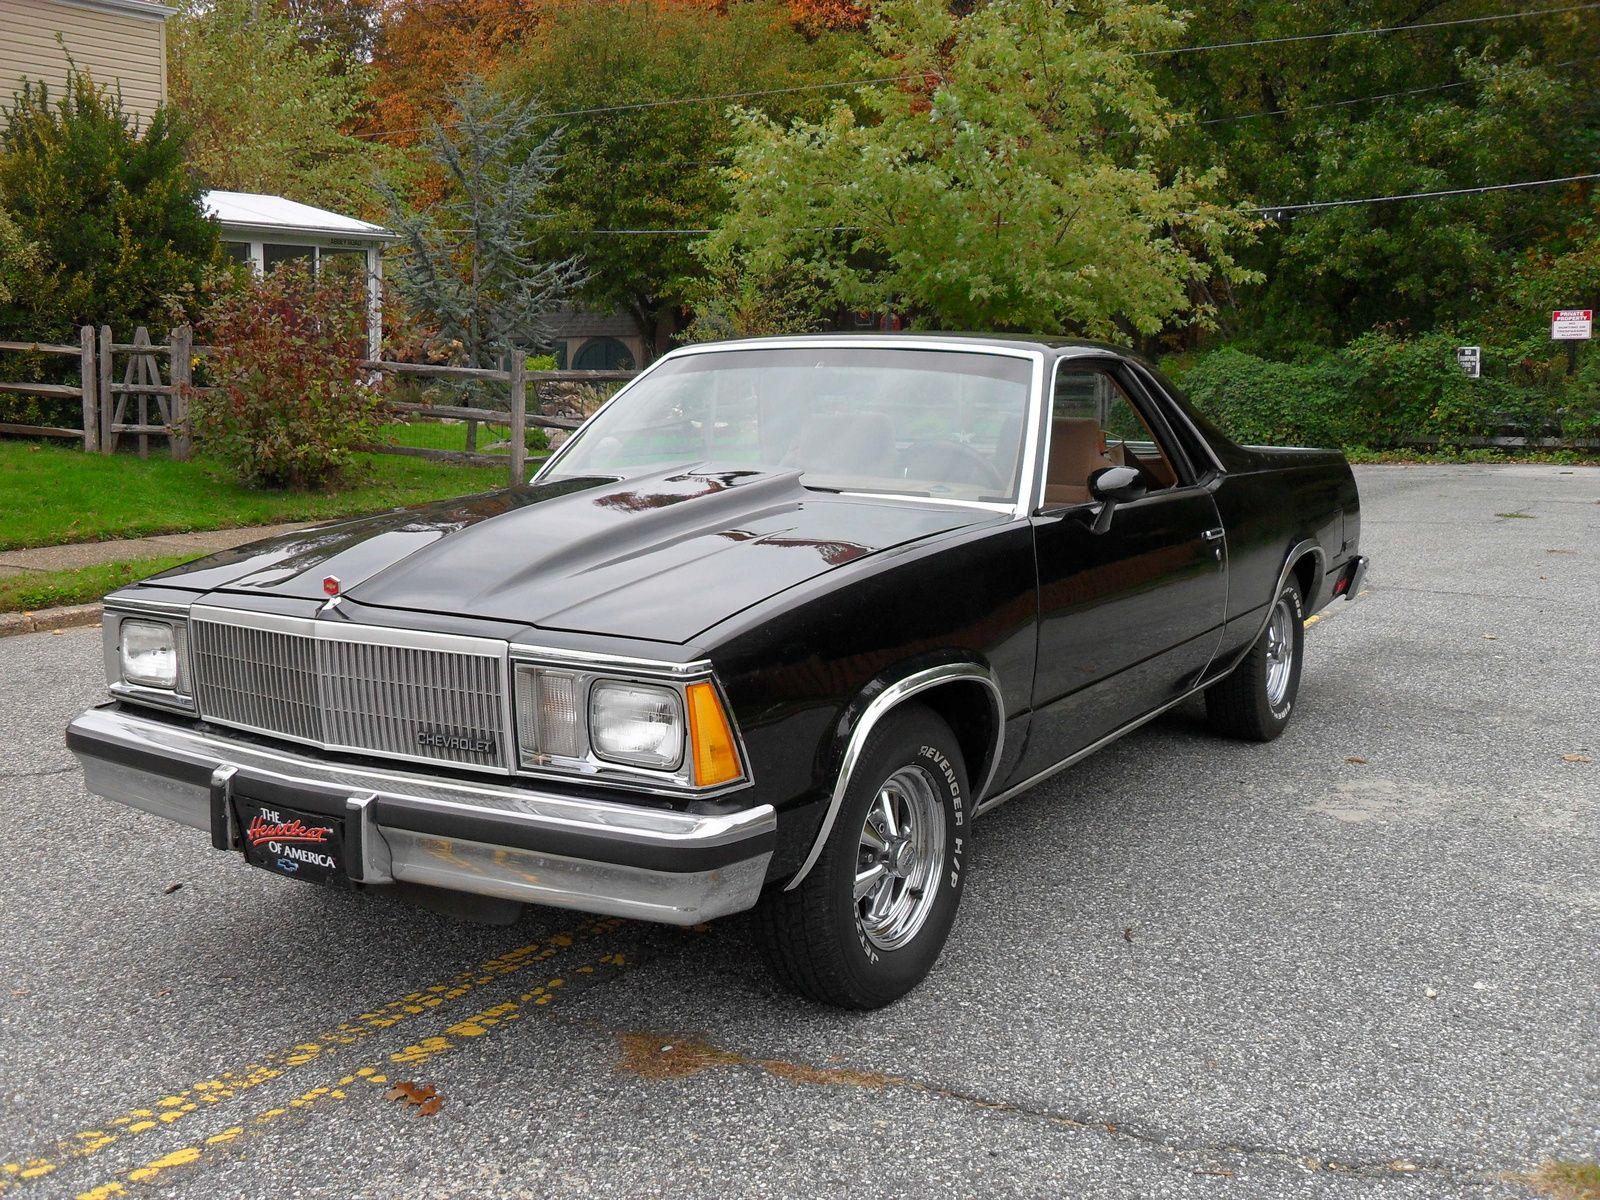 1980 El Camino Picture Of 1980 Chevrolet El Camino Exterior